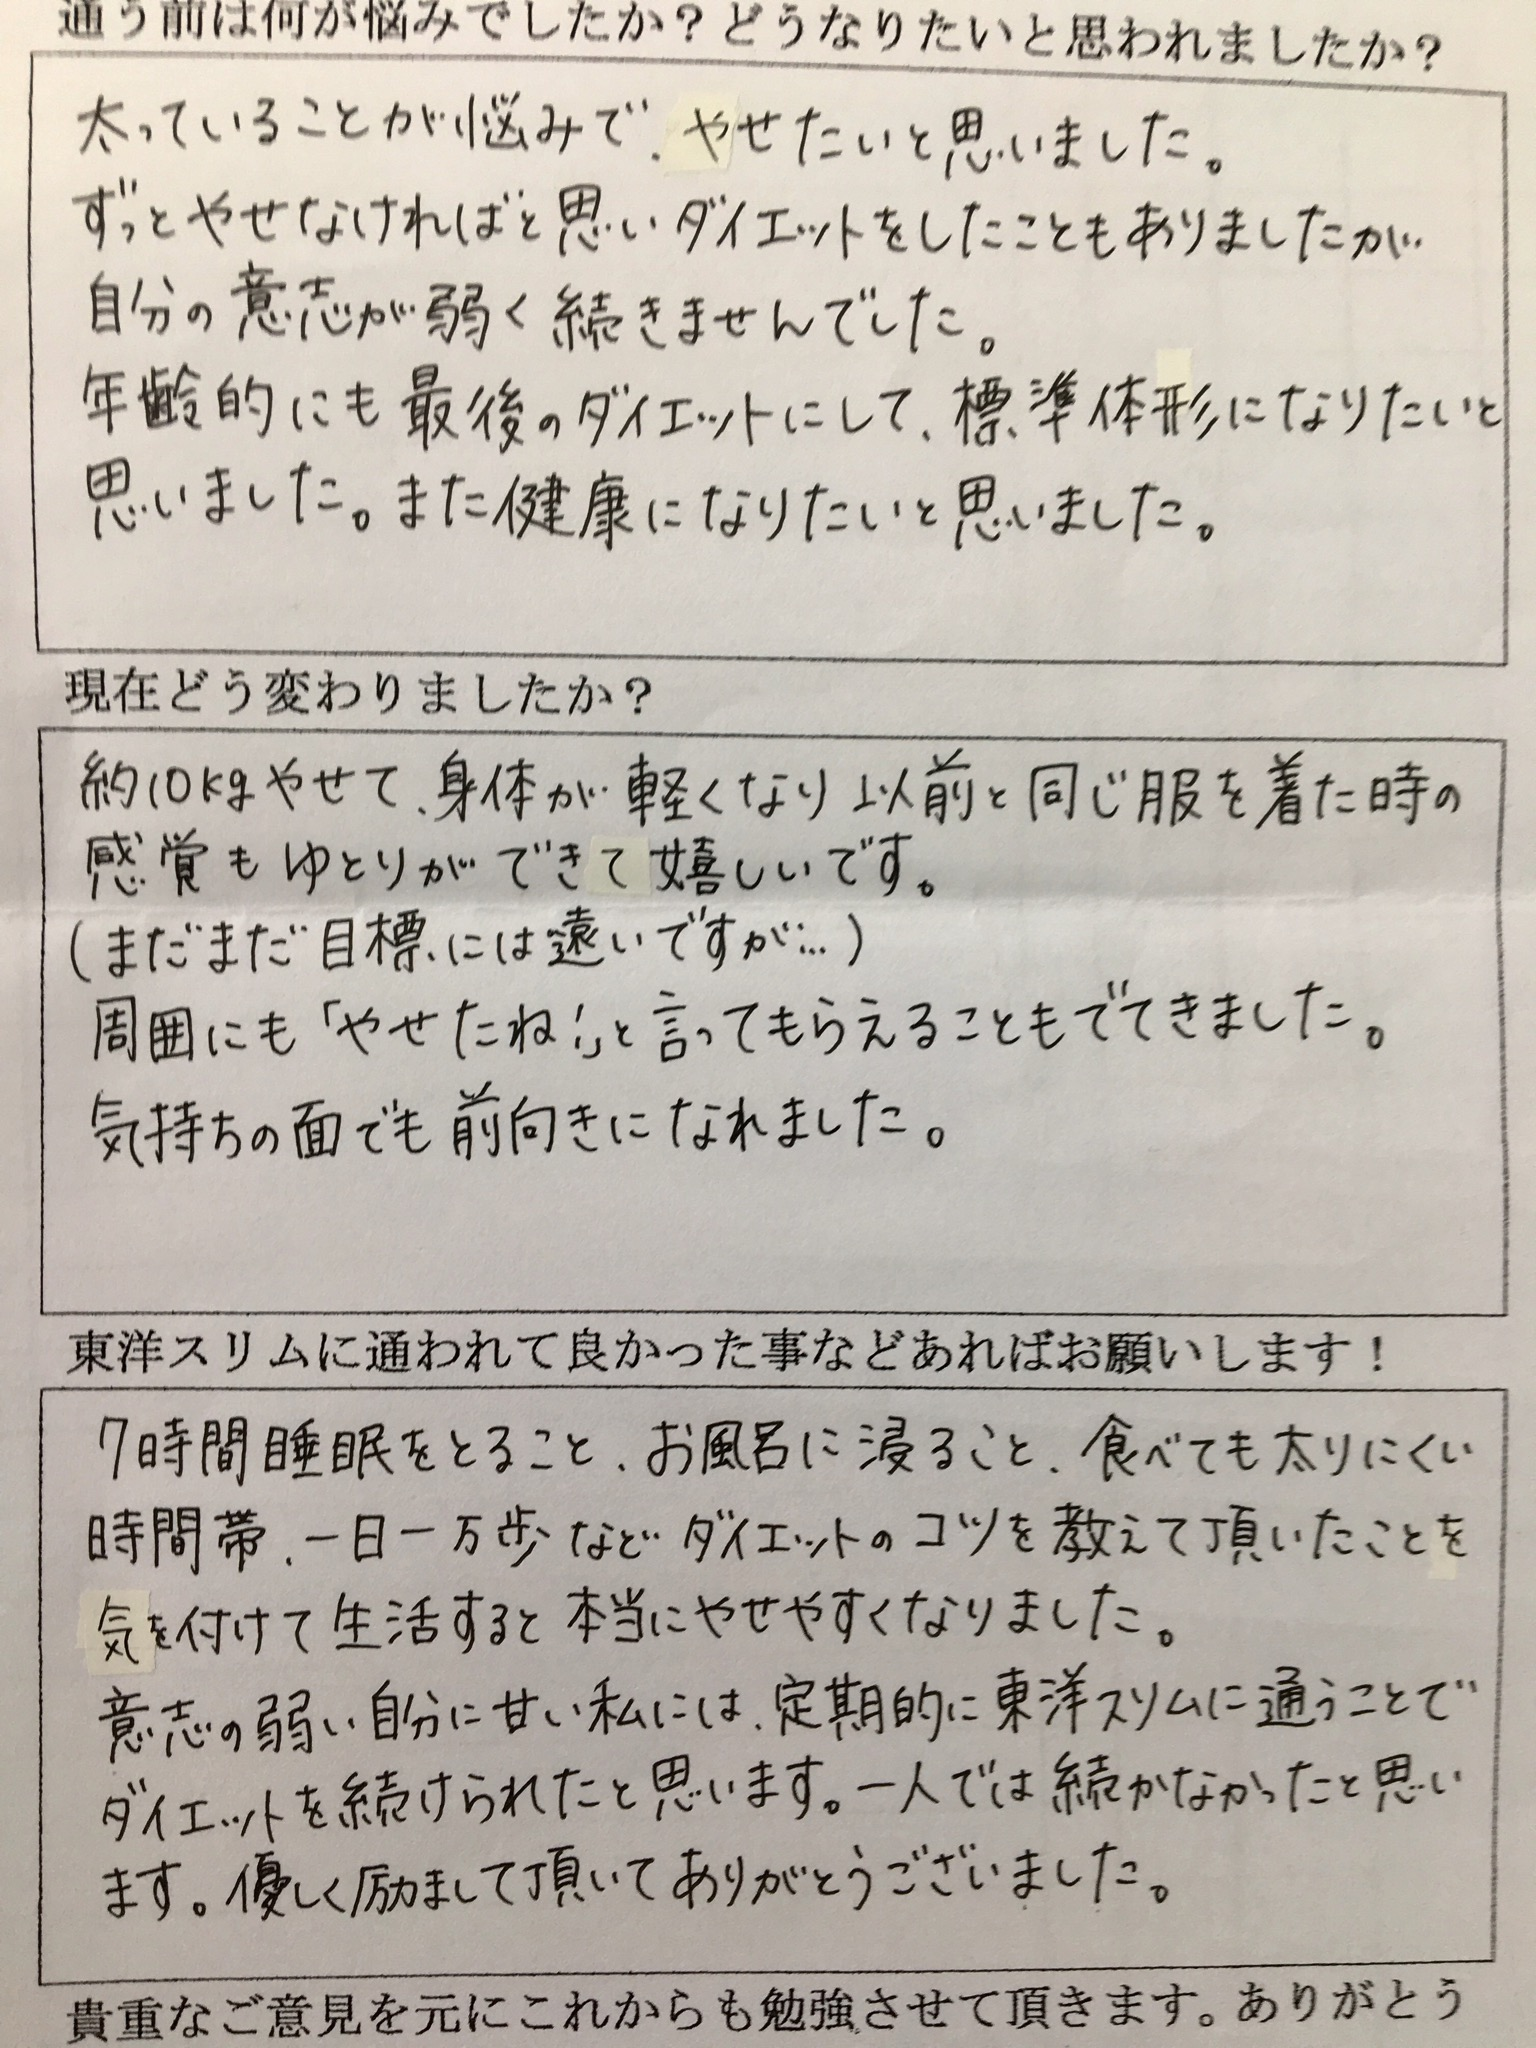 [皆様の声]大阪府八尾市Hさん(30代)耳つぼダイエット11.5kg成功